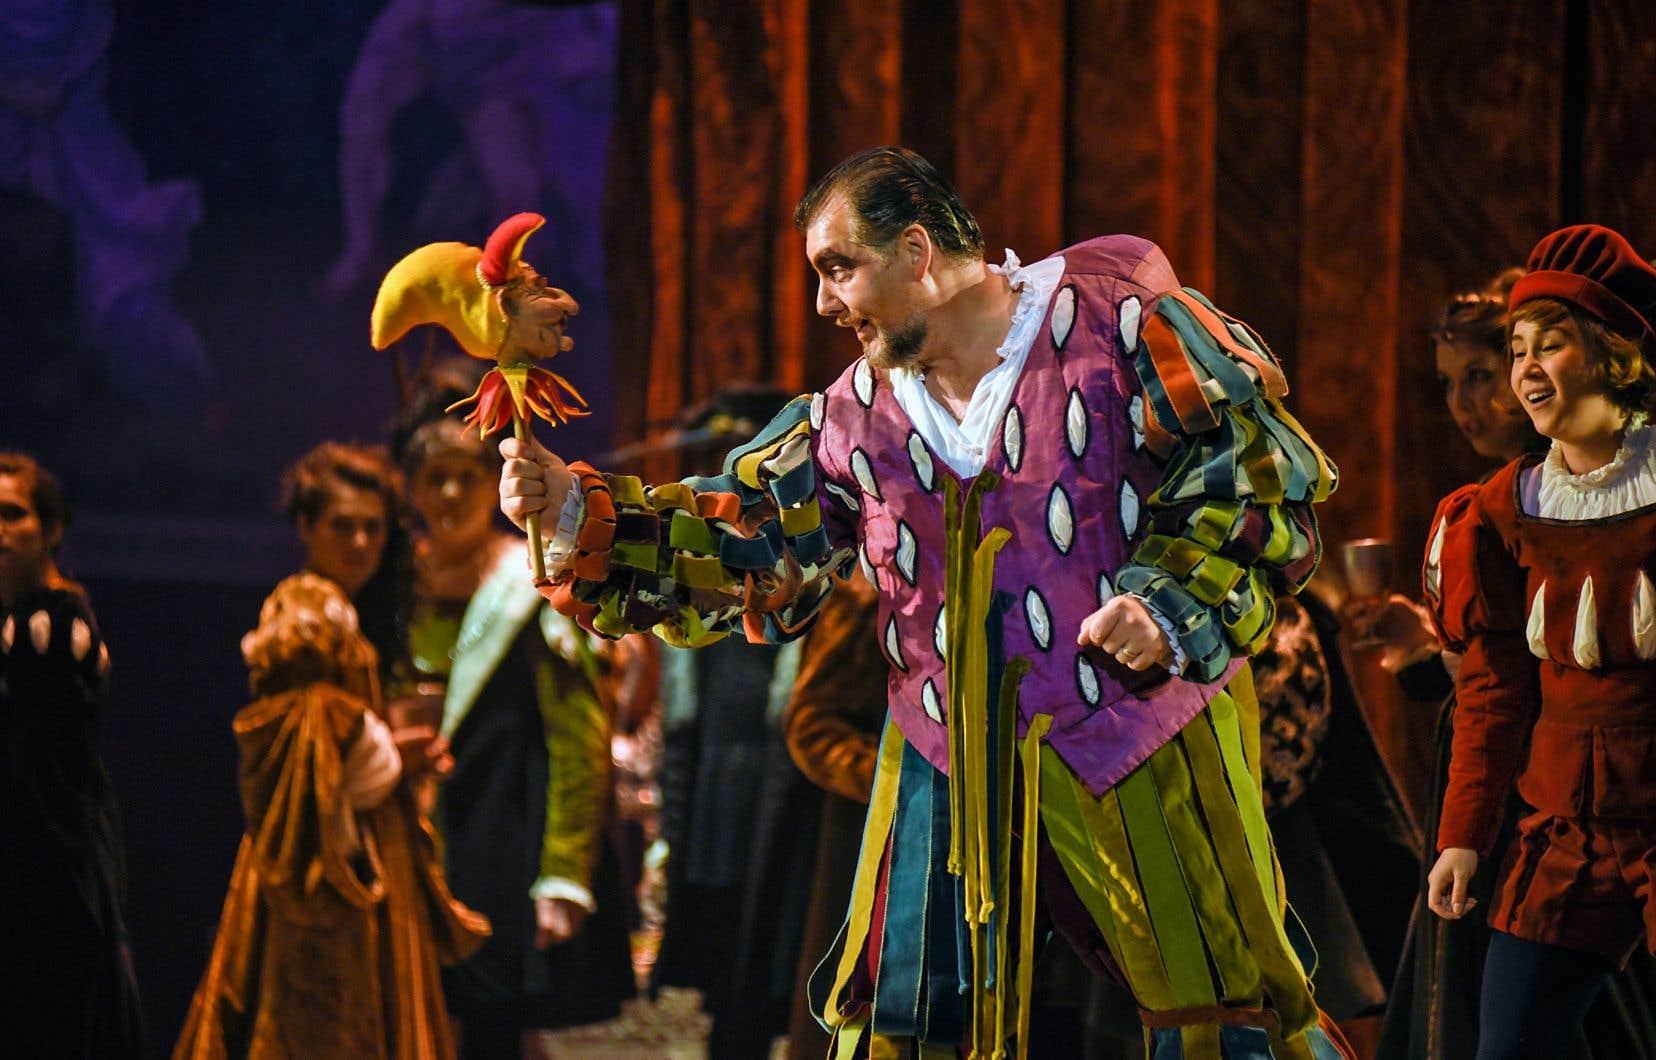 Dans le rôle de Rigoletto, James Westman fait au mieux avec ce qu'il a. Reste qu'il n'est pas fait pour ce rôle et certainement pas dans cette salle.